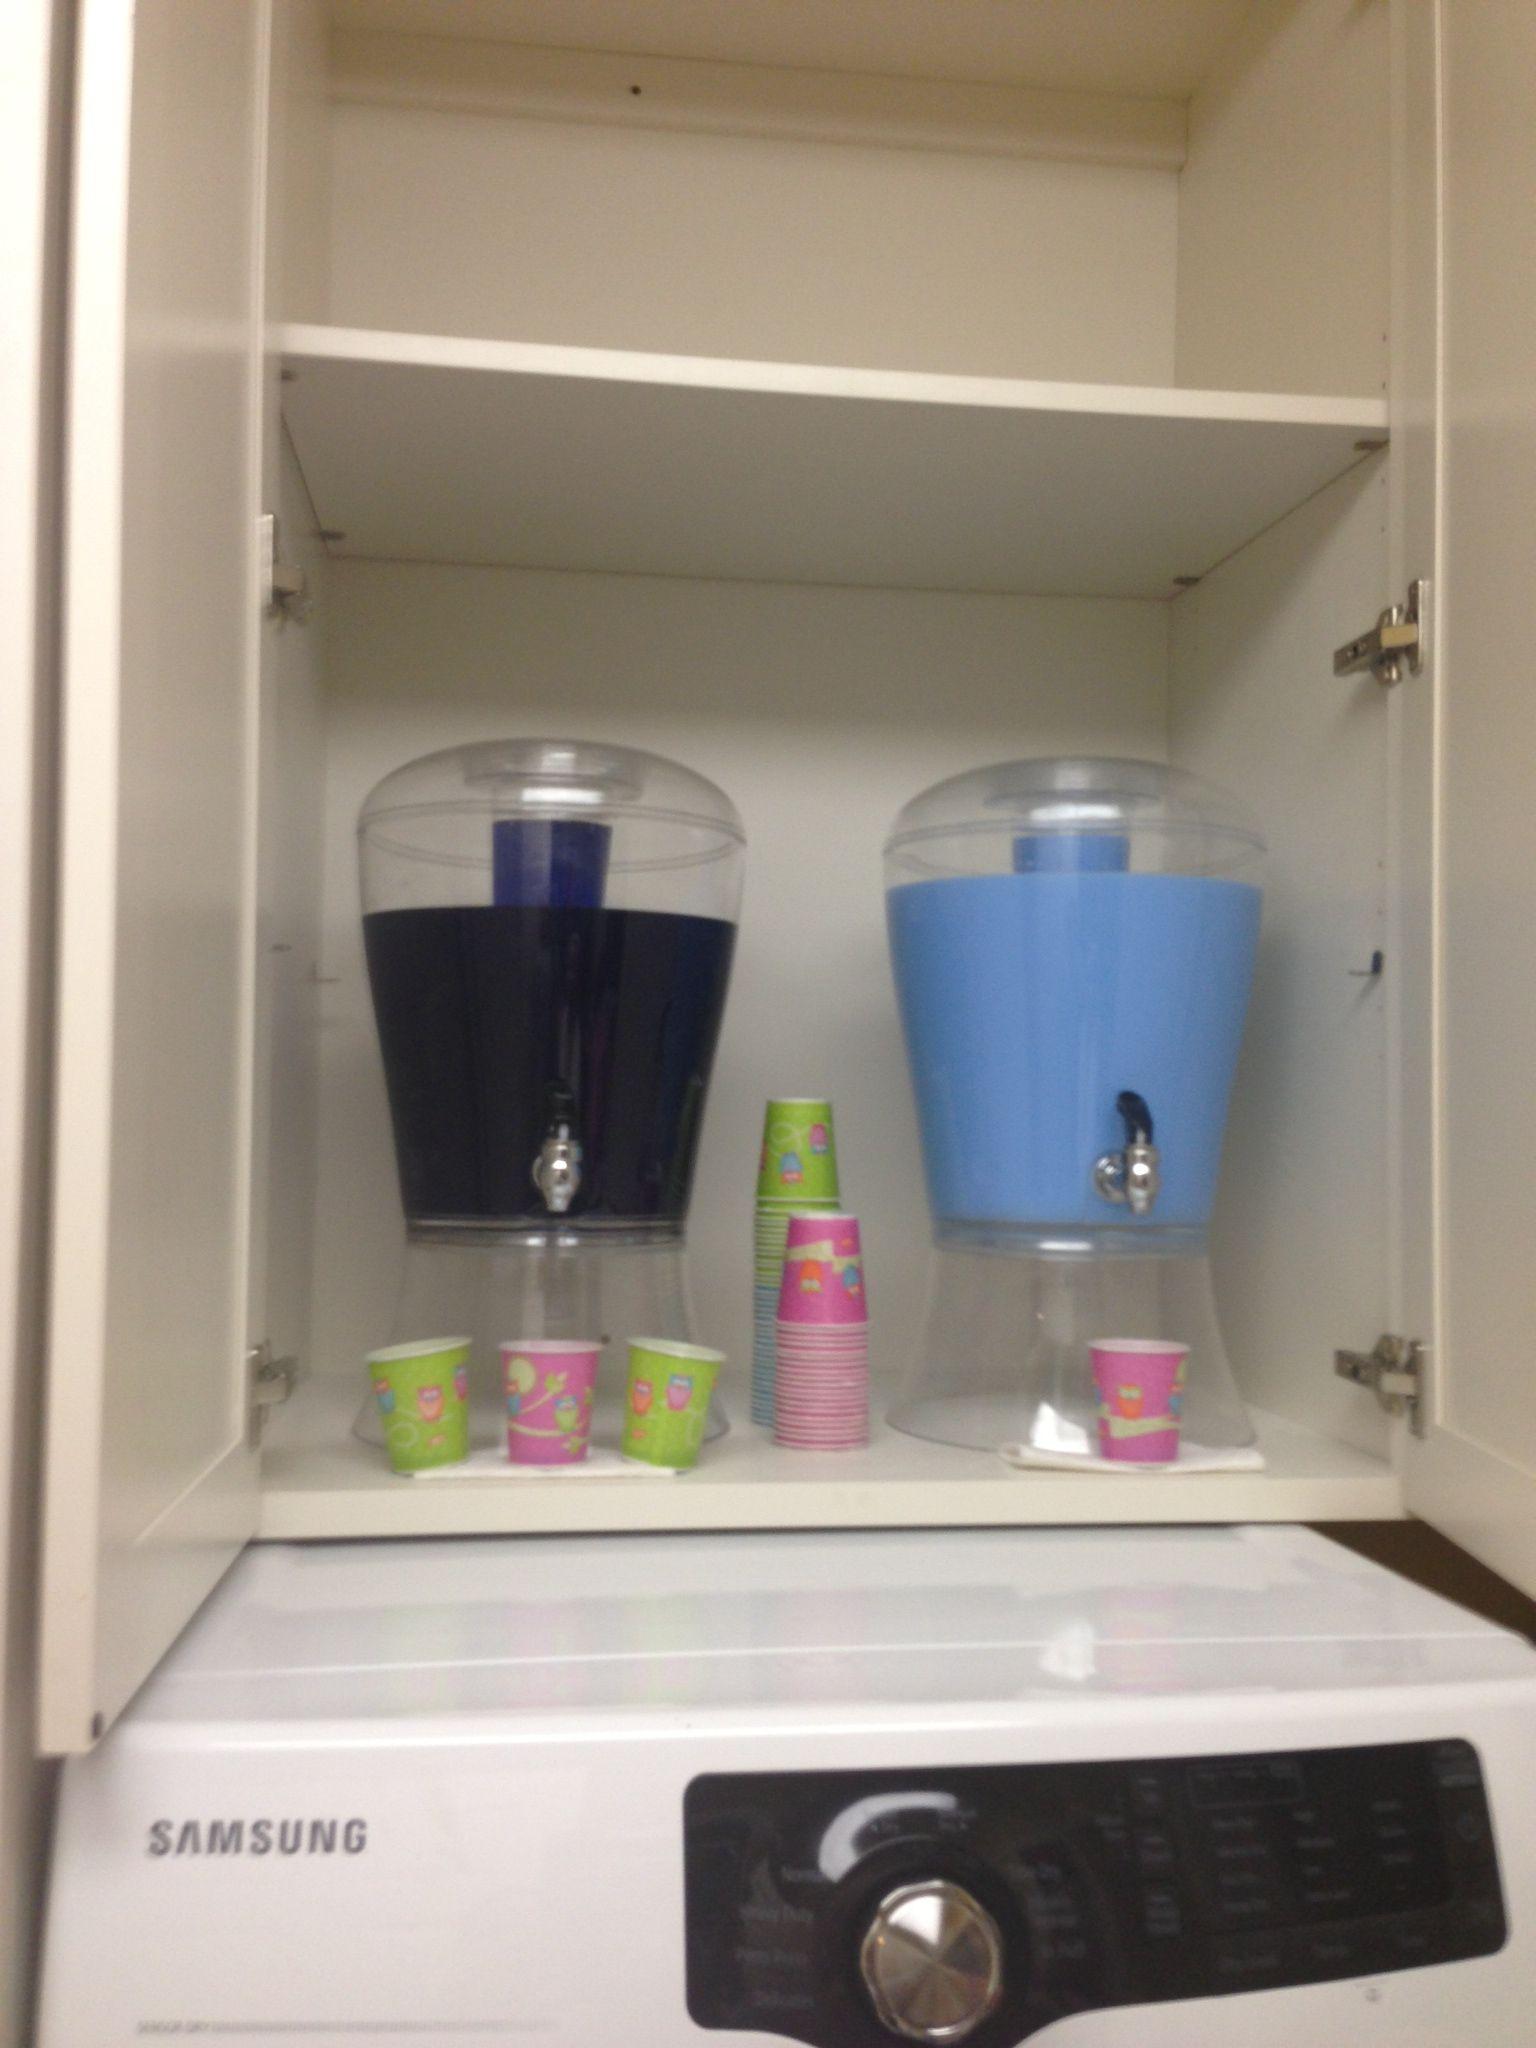 Laundry Detergent Dispenser Lemonade Dispensers I Seriously Hope